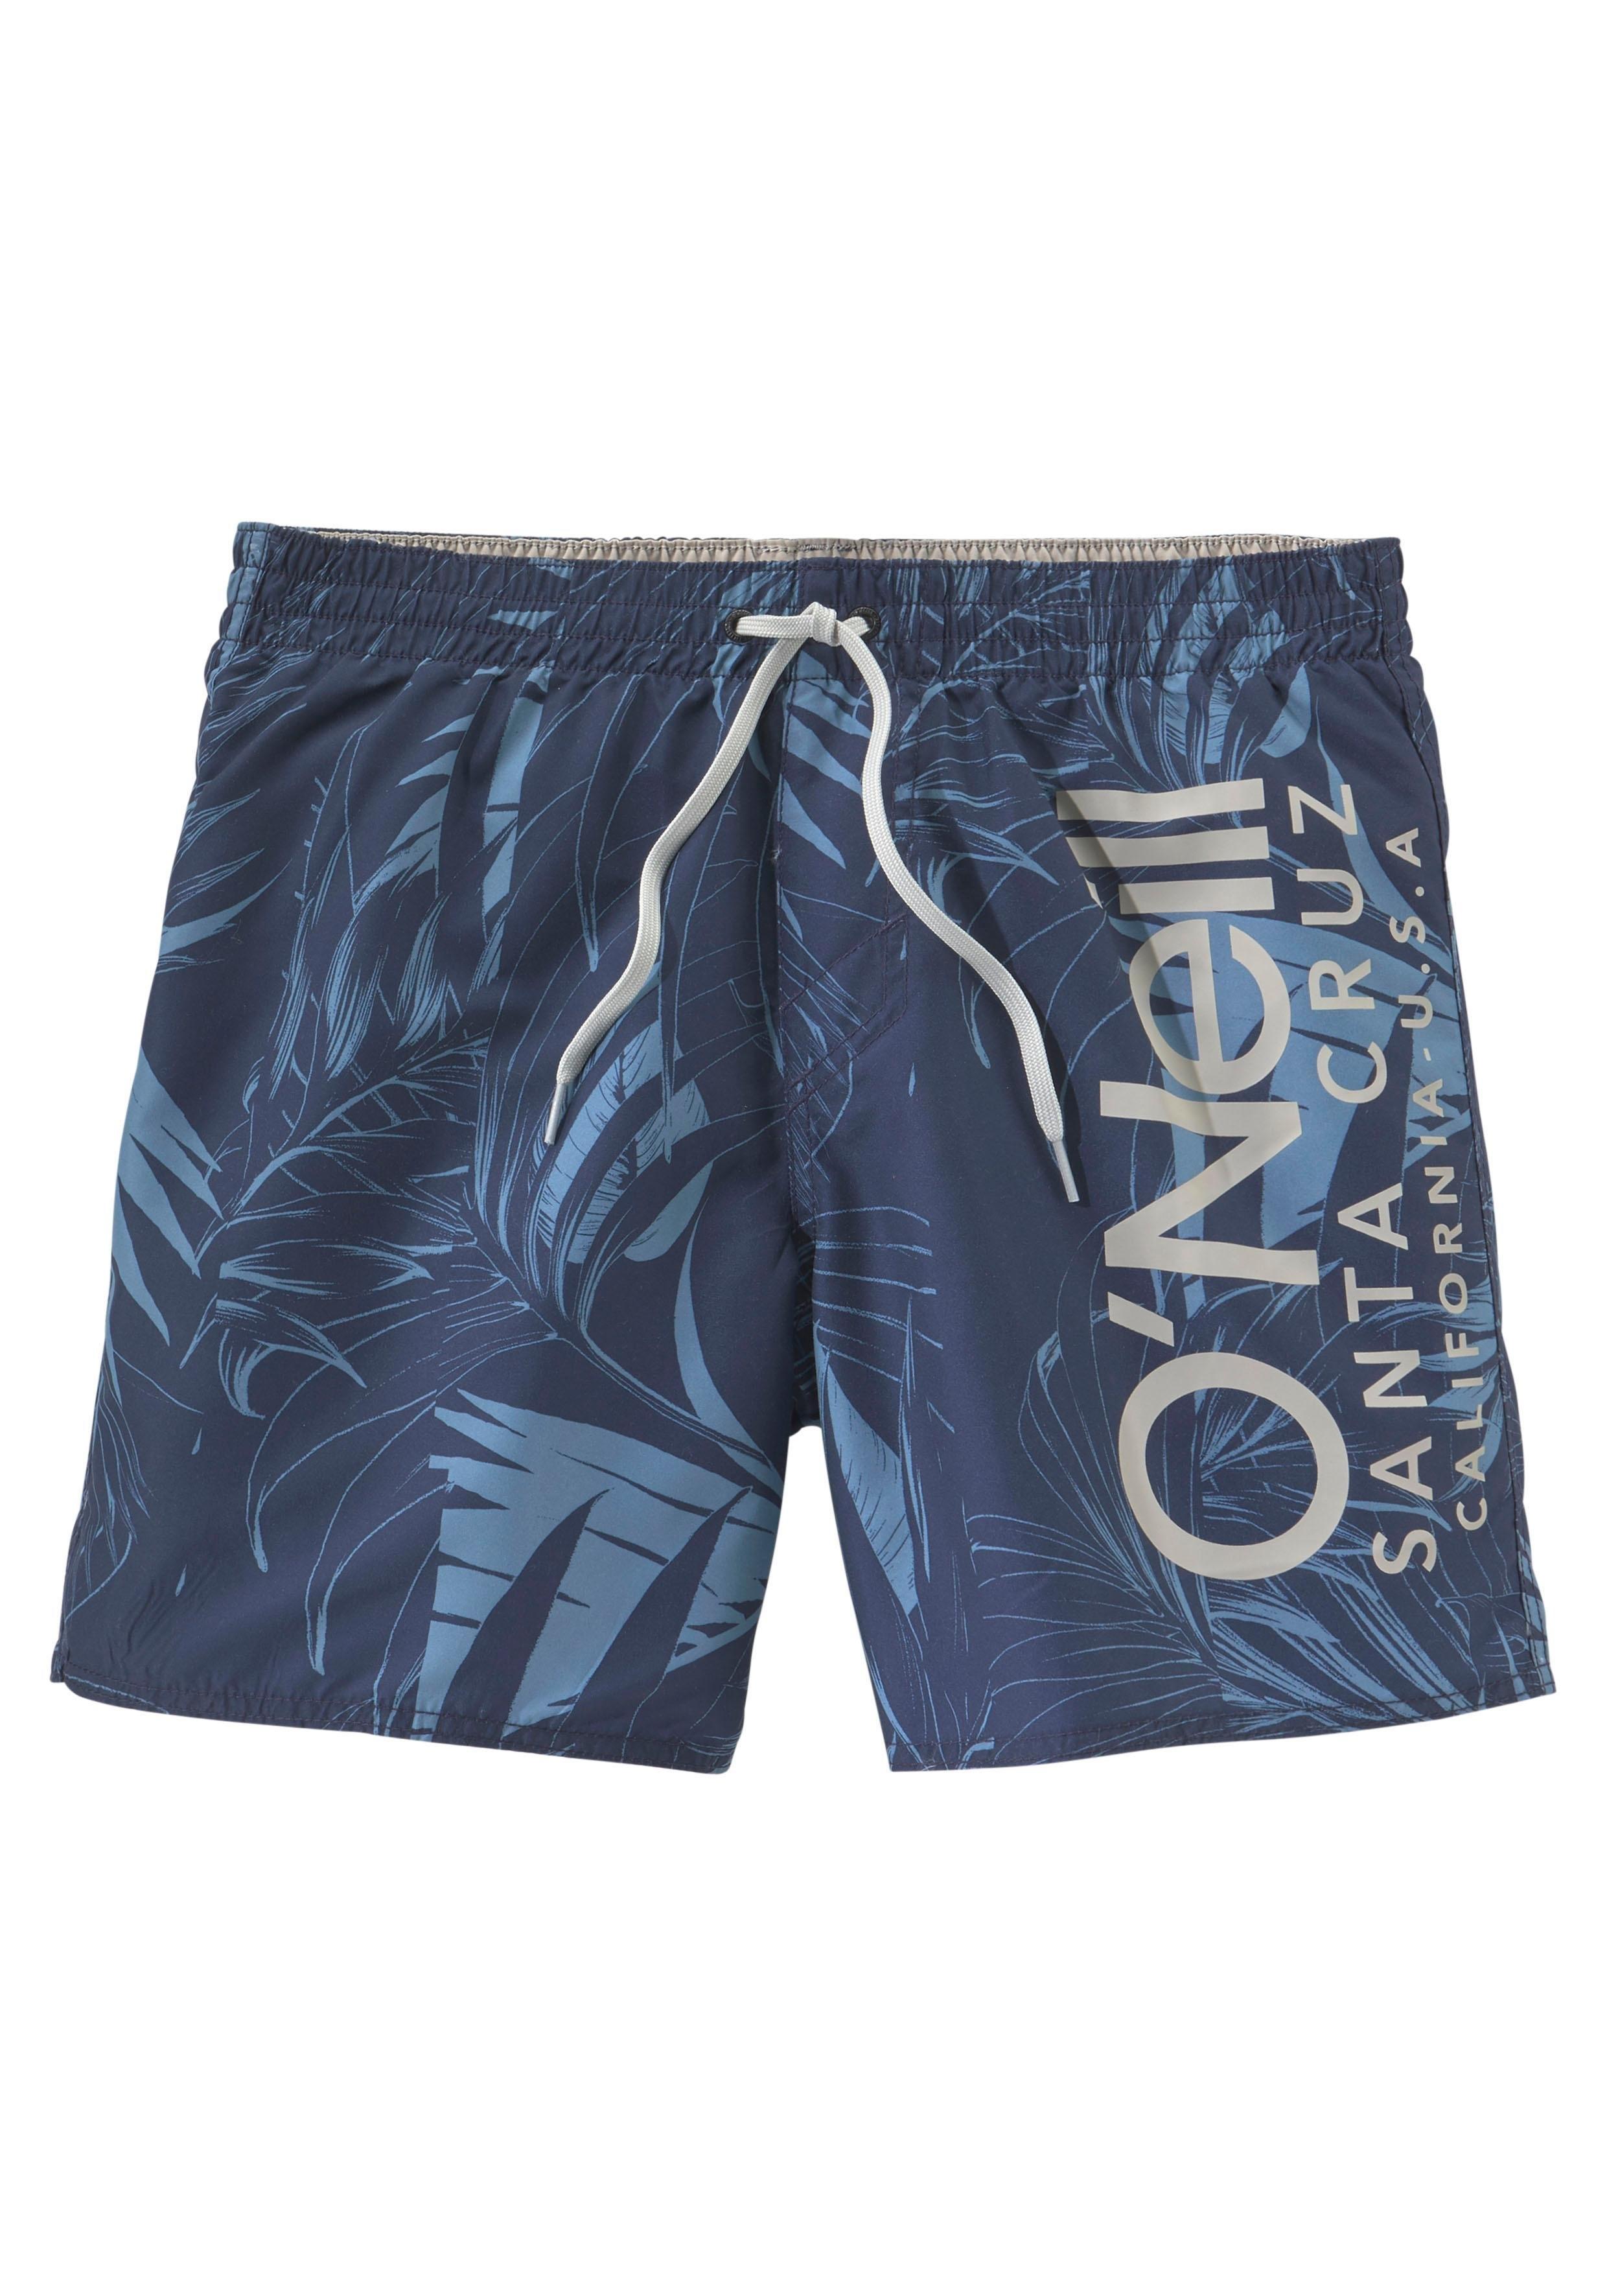 O'Neill zwemshort met tropische print in de webshop van Lascana kopen